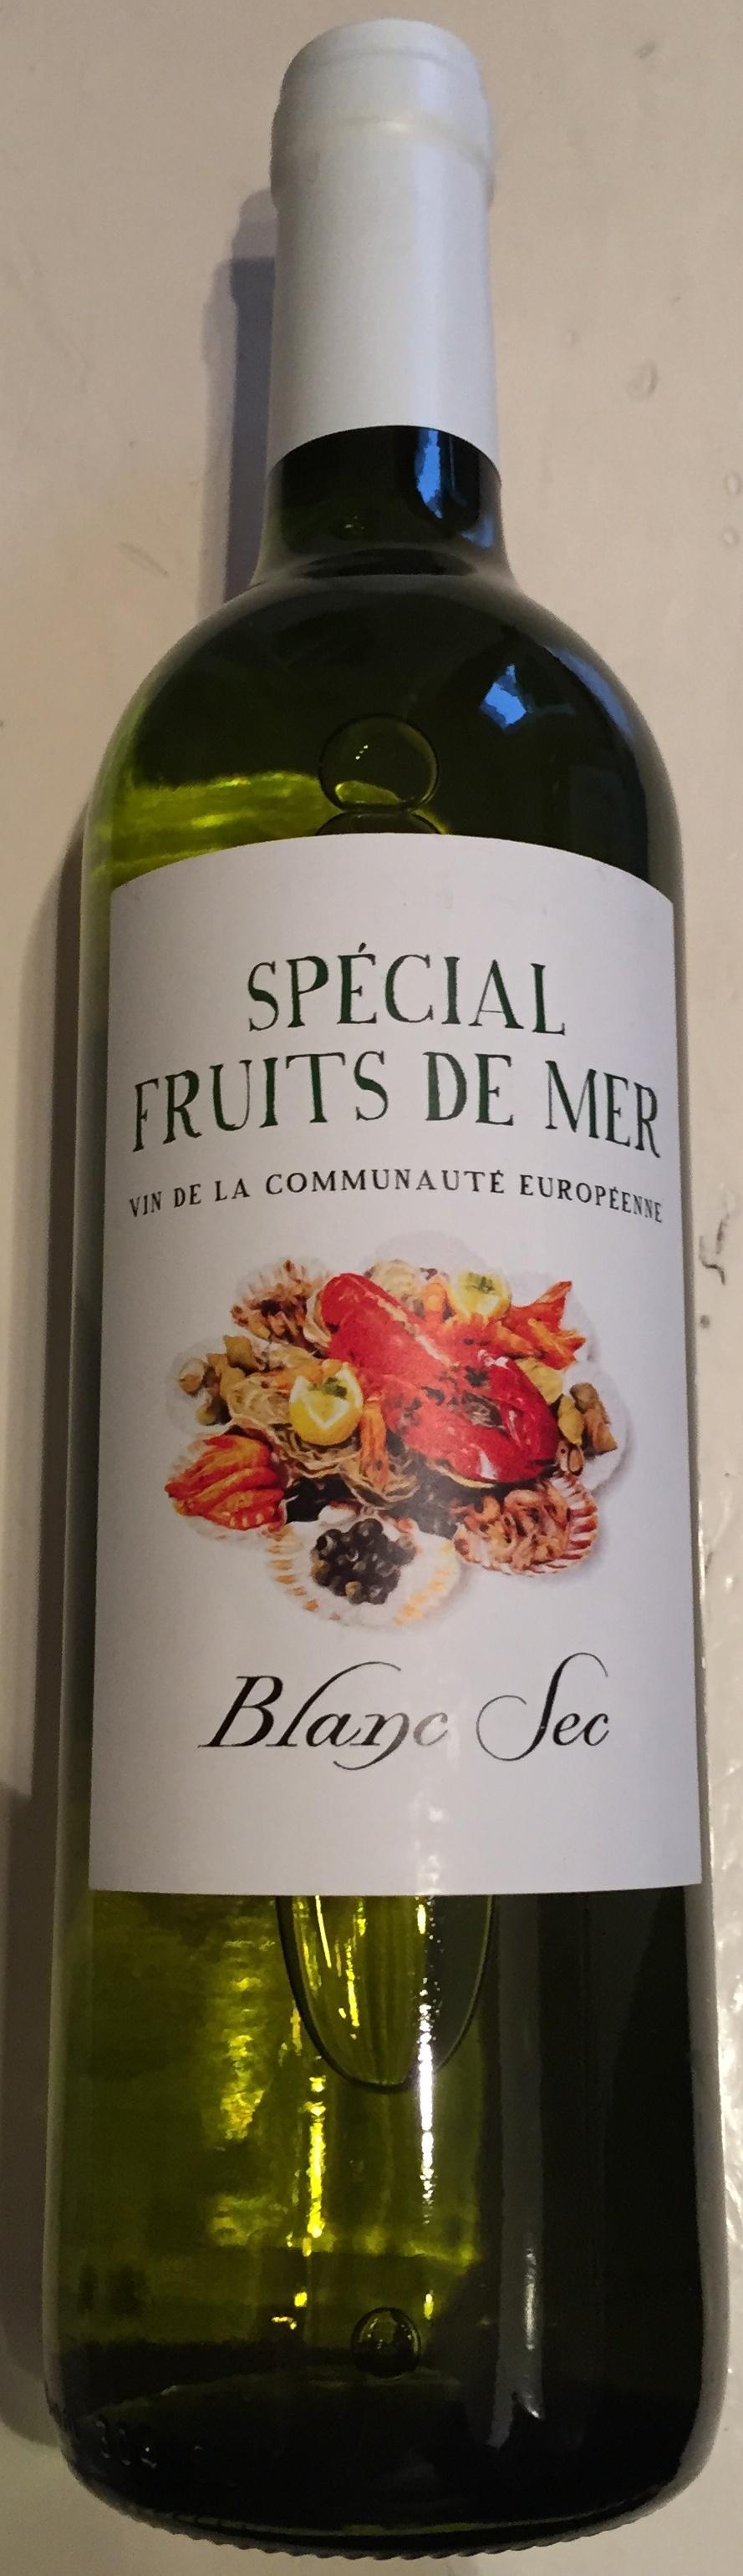 Vin Blanc Sec Special Fruits De Mer Guiraud 75cl